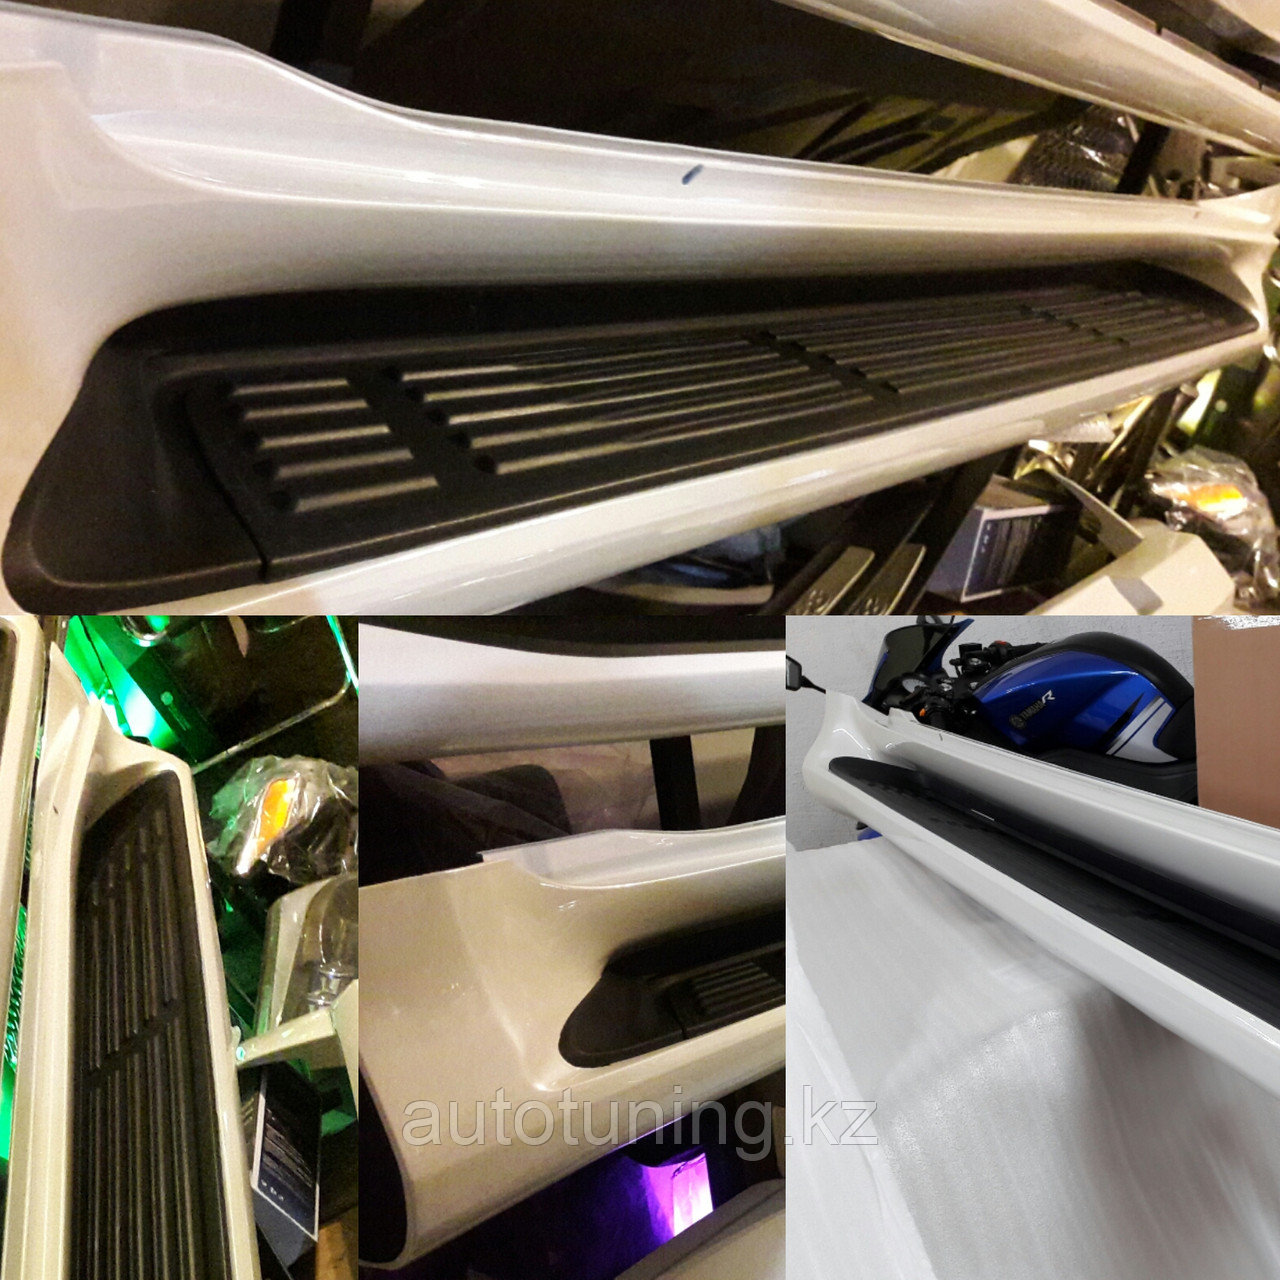 Подножки (пороги) на Toyota Land Cruiser Prado 150 2009-2020 г.в. в стиле LEXUS GX